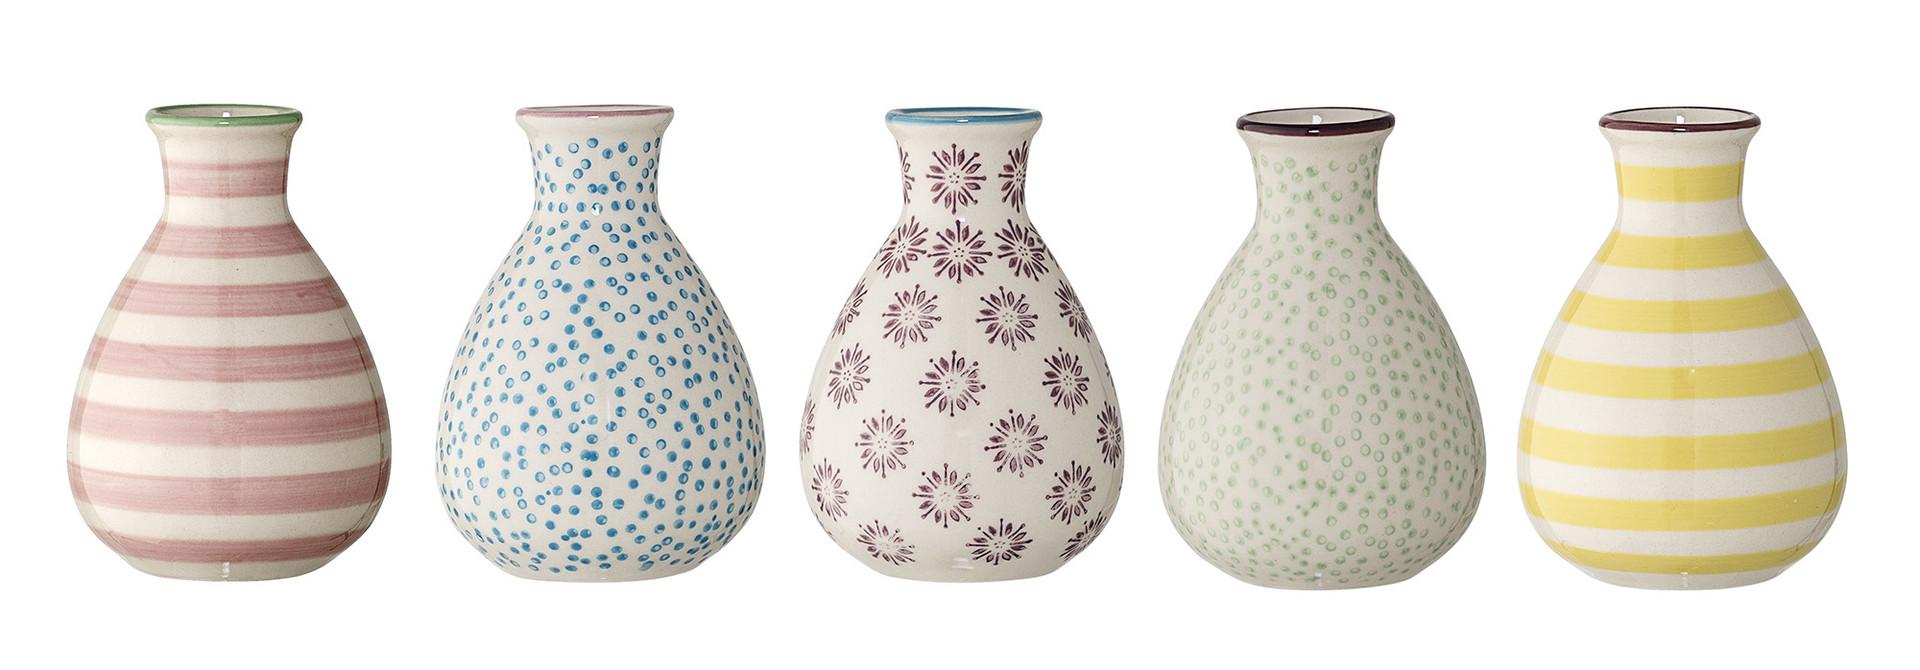 Ibi Vase - Stoneware - Set of 5